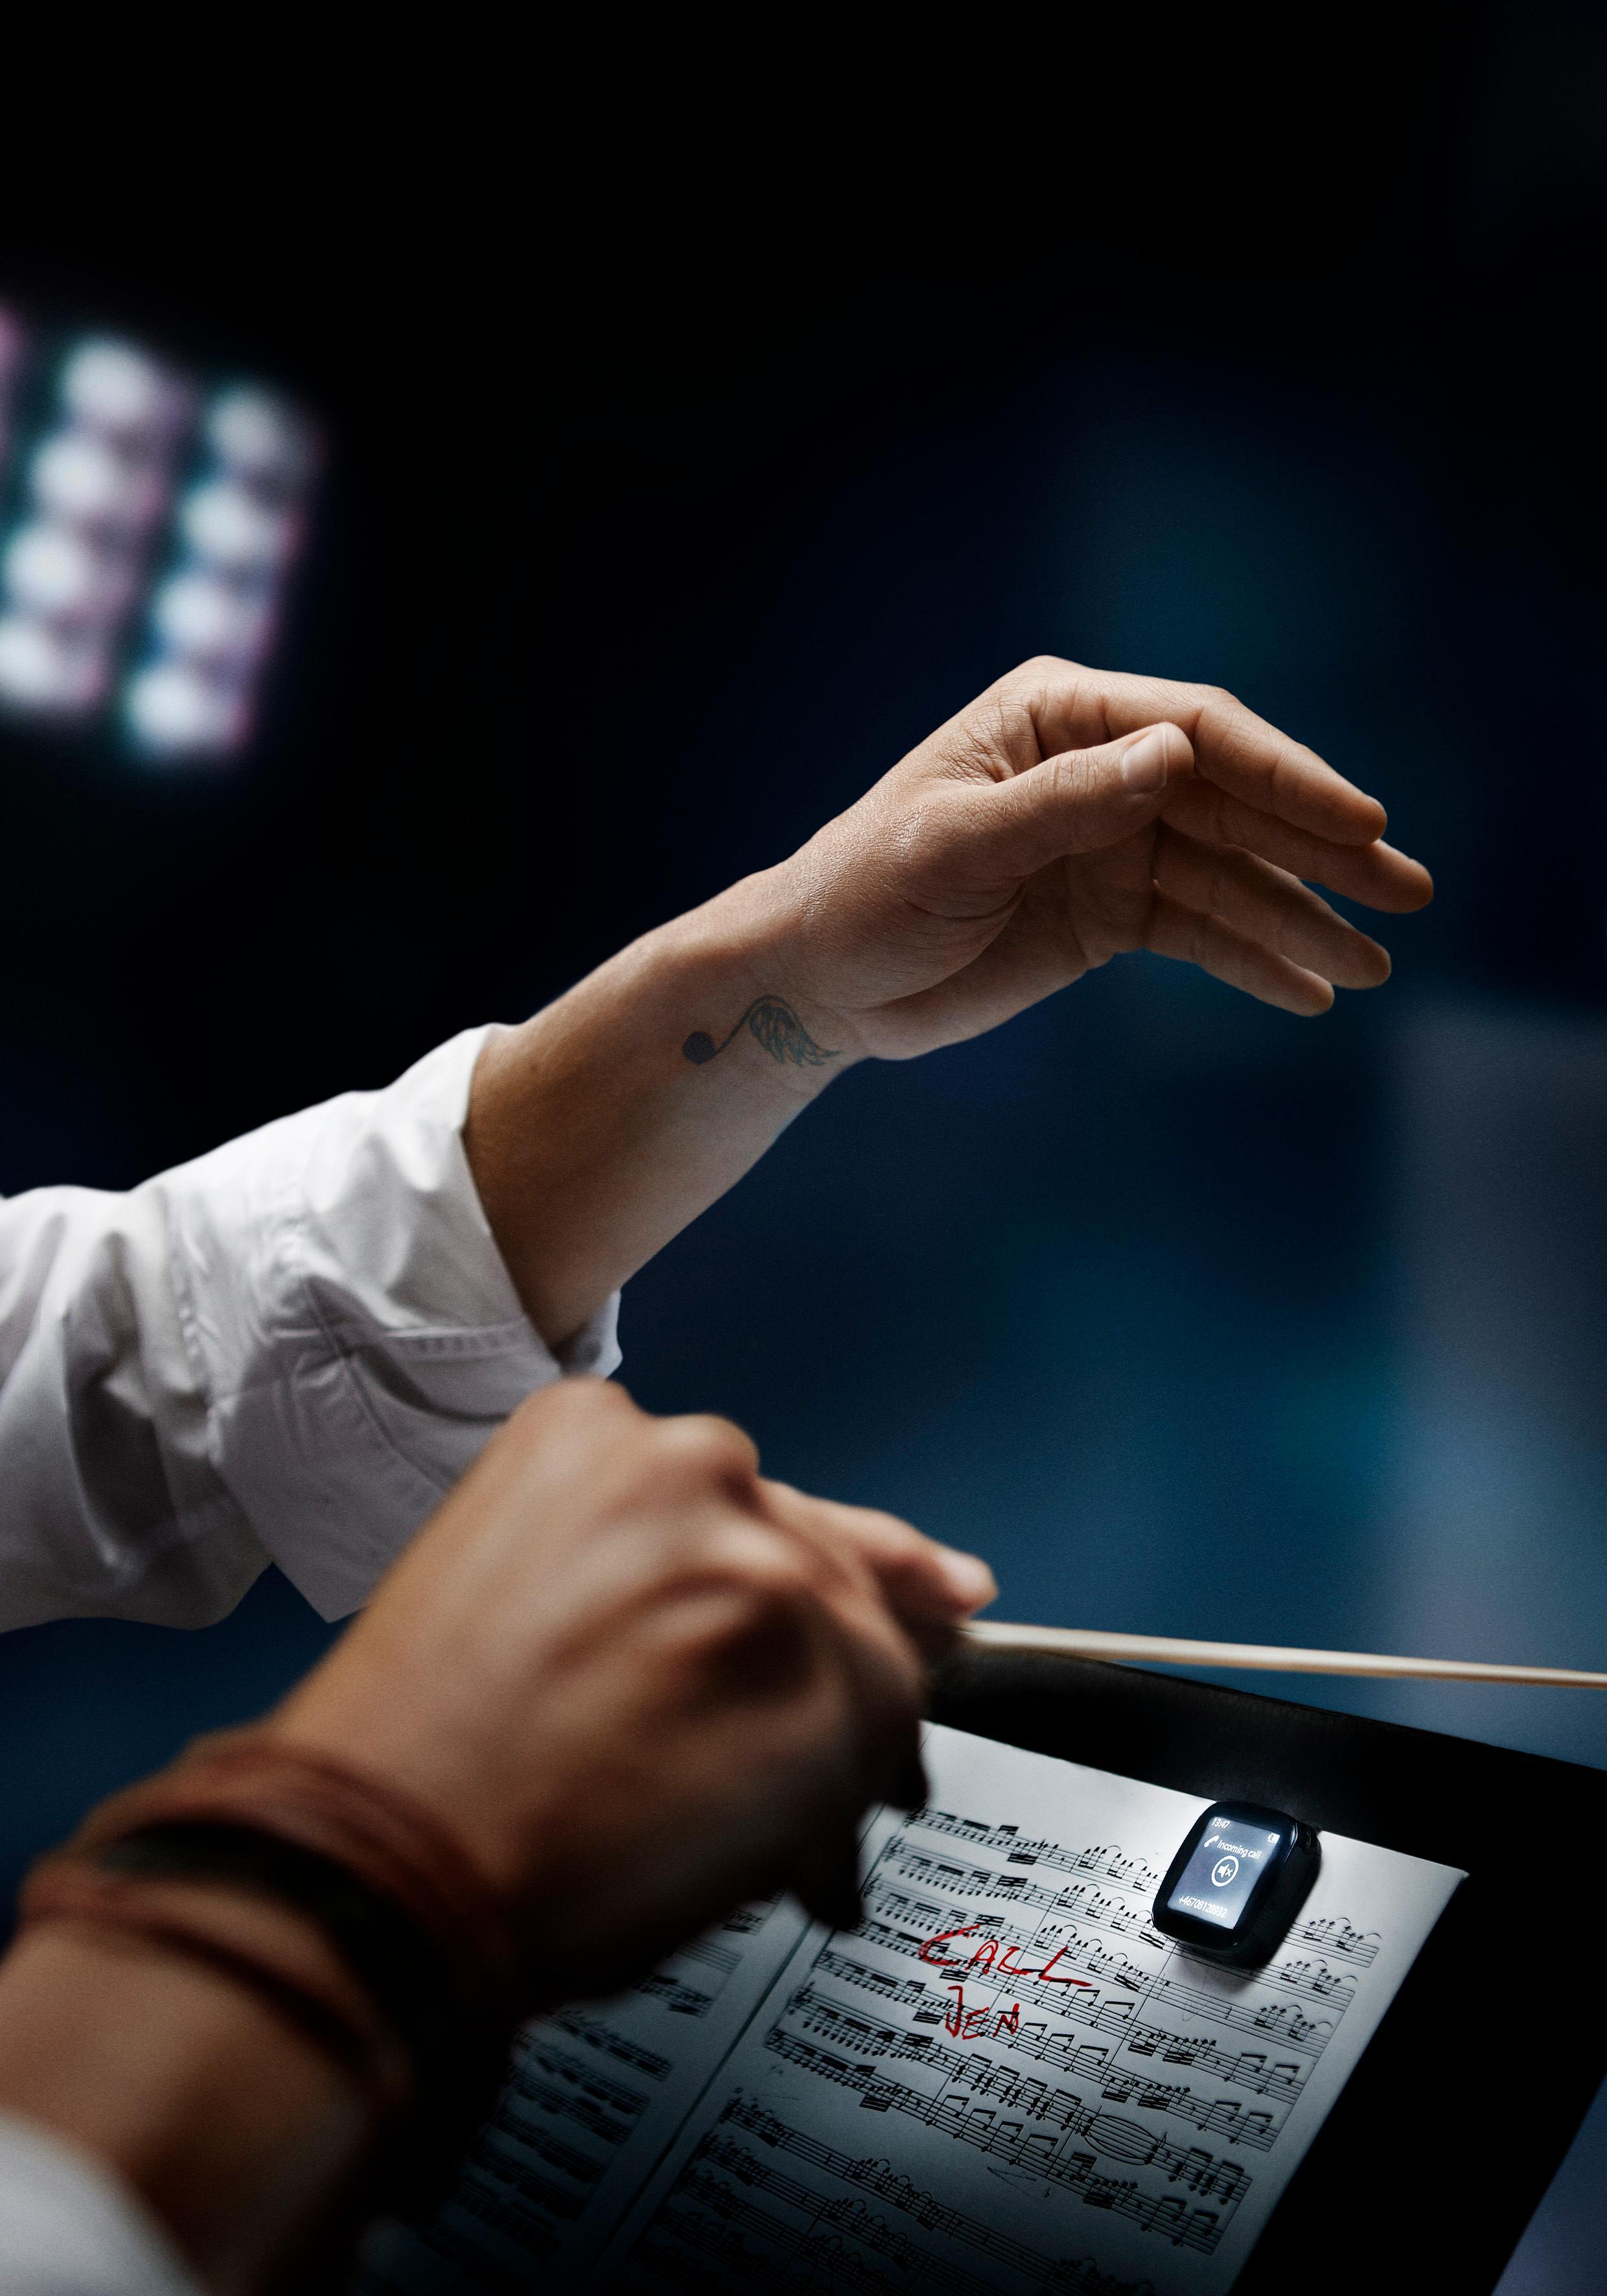 Vanskelig å la Facebook-oppdateringene ligge mens du dirigerer? Da kan Liveview hjelpe deg.